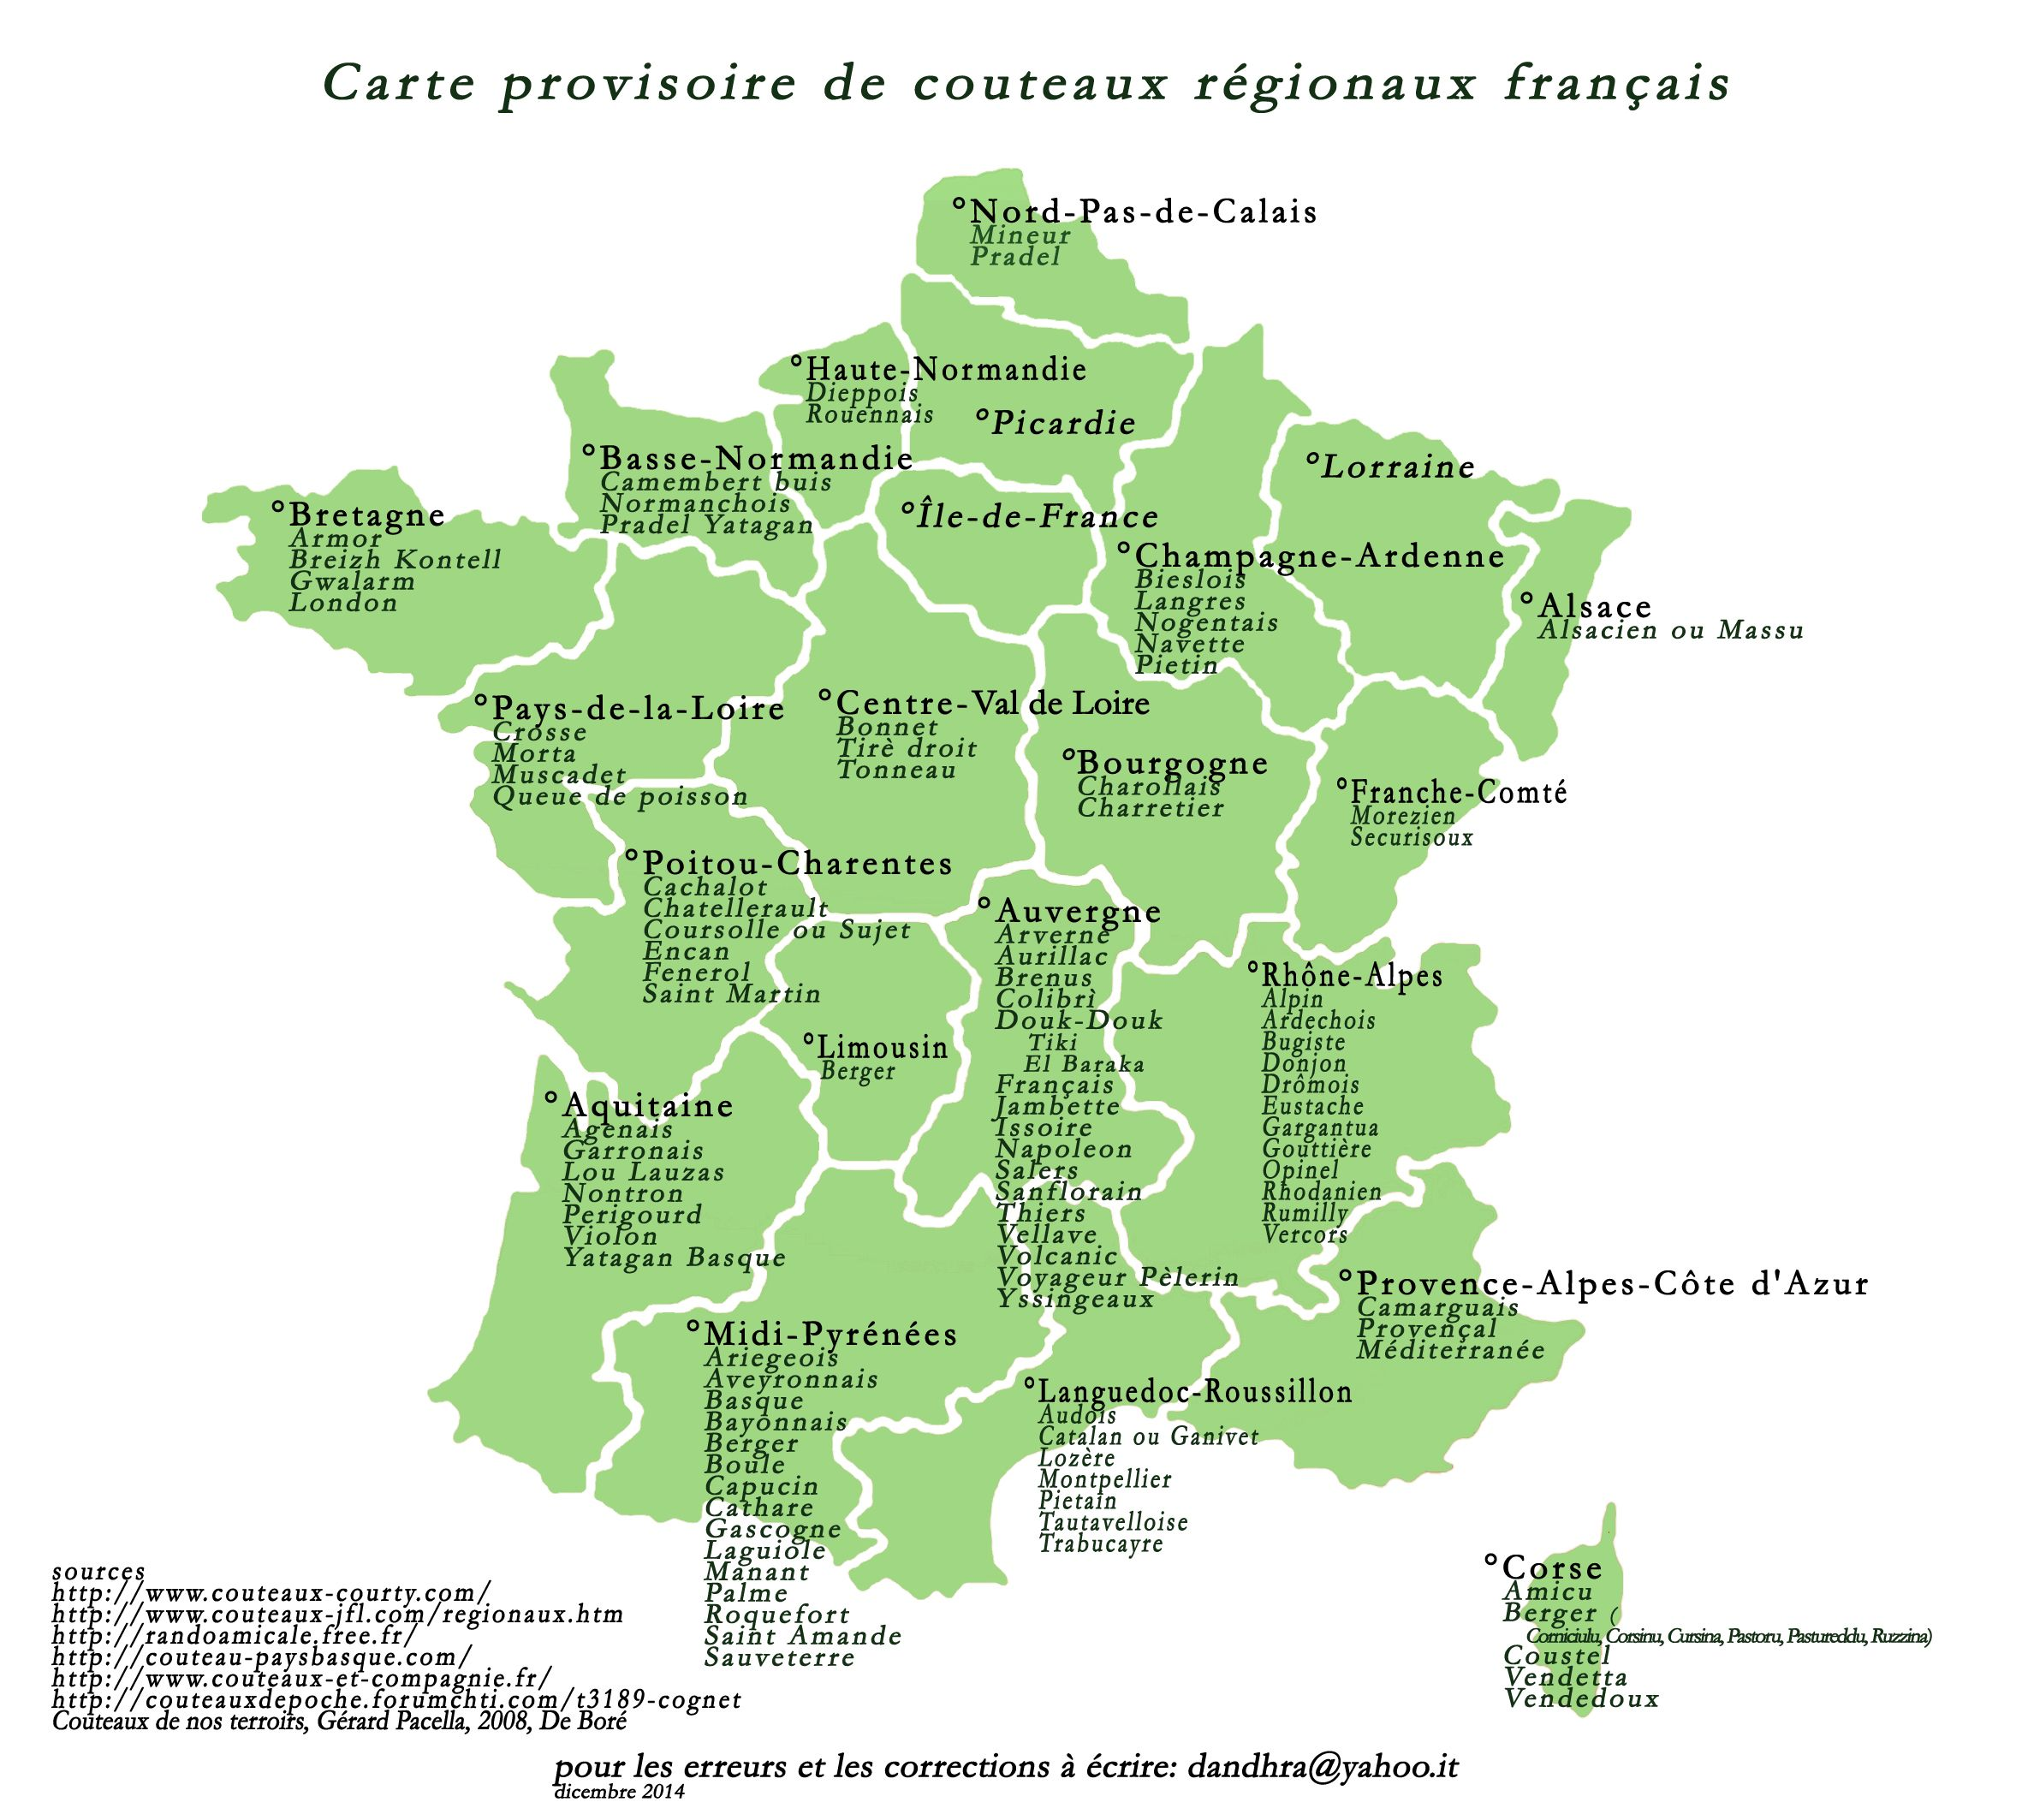 Carte Provisoire De Couteaux Regionaux Francais Pour Les Erreurs